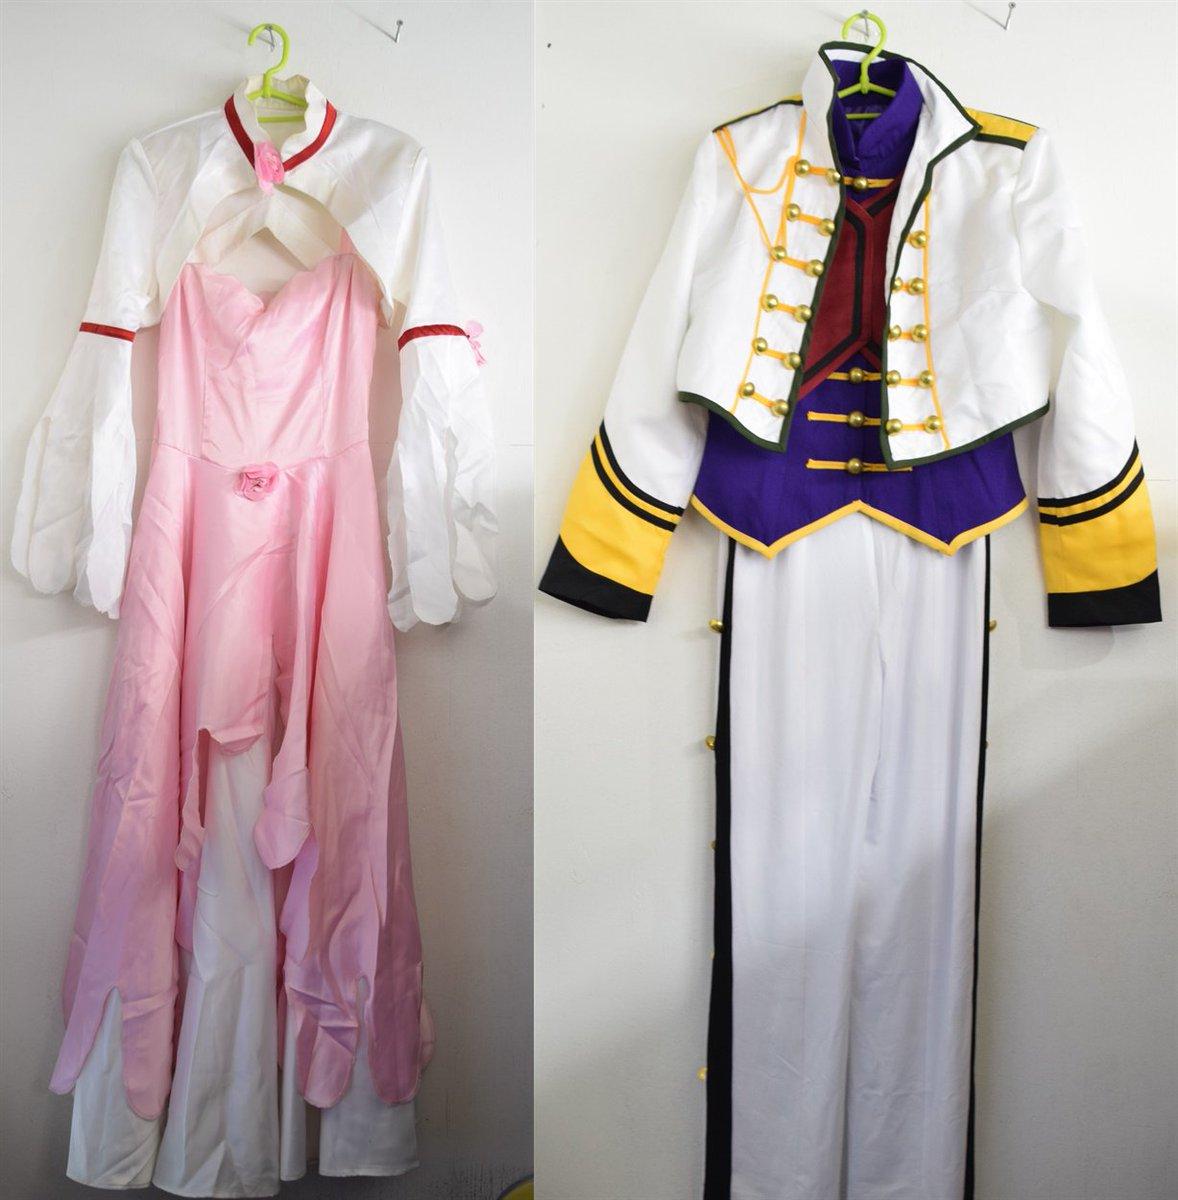 本日はスパロボ系で!!コードギアスよりユーフェミア&スザク(騎士服)&C.Cユーフェミア、スザクはあまり見ないレア衣装に